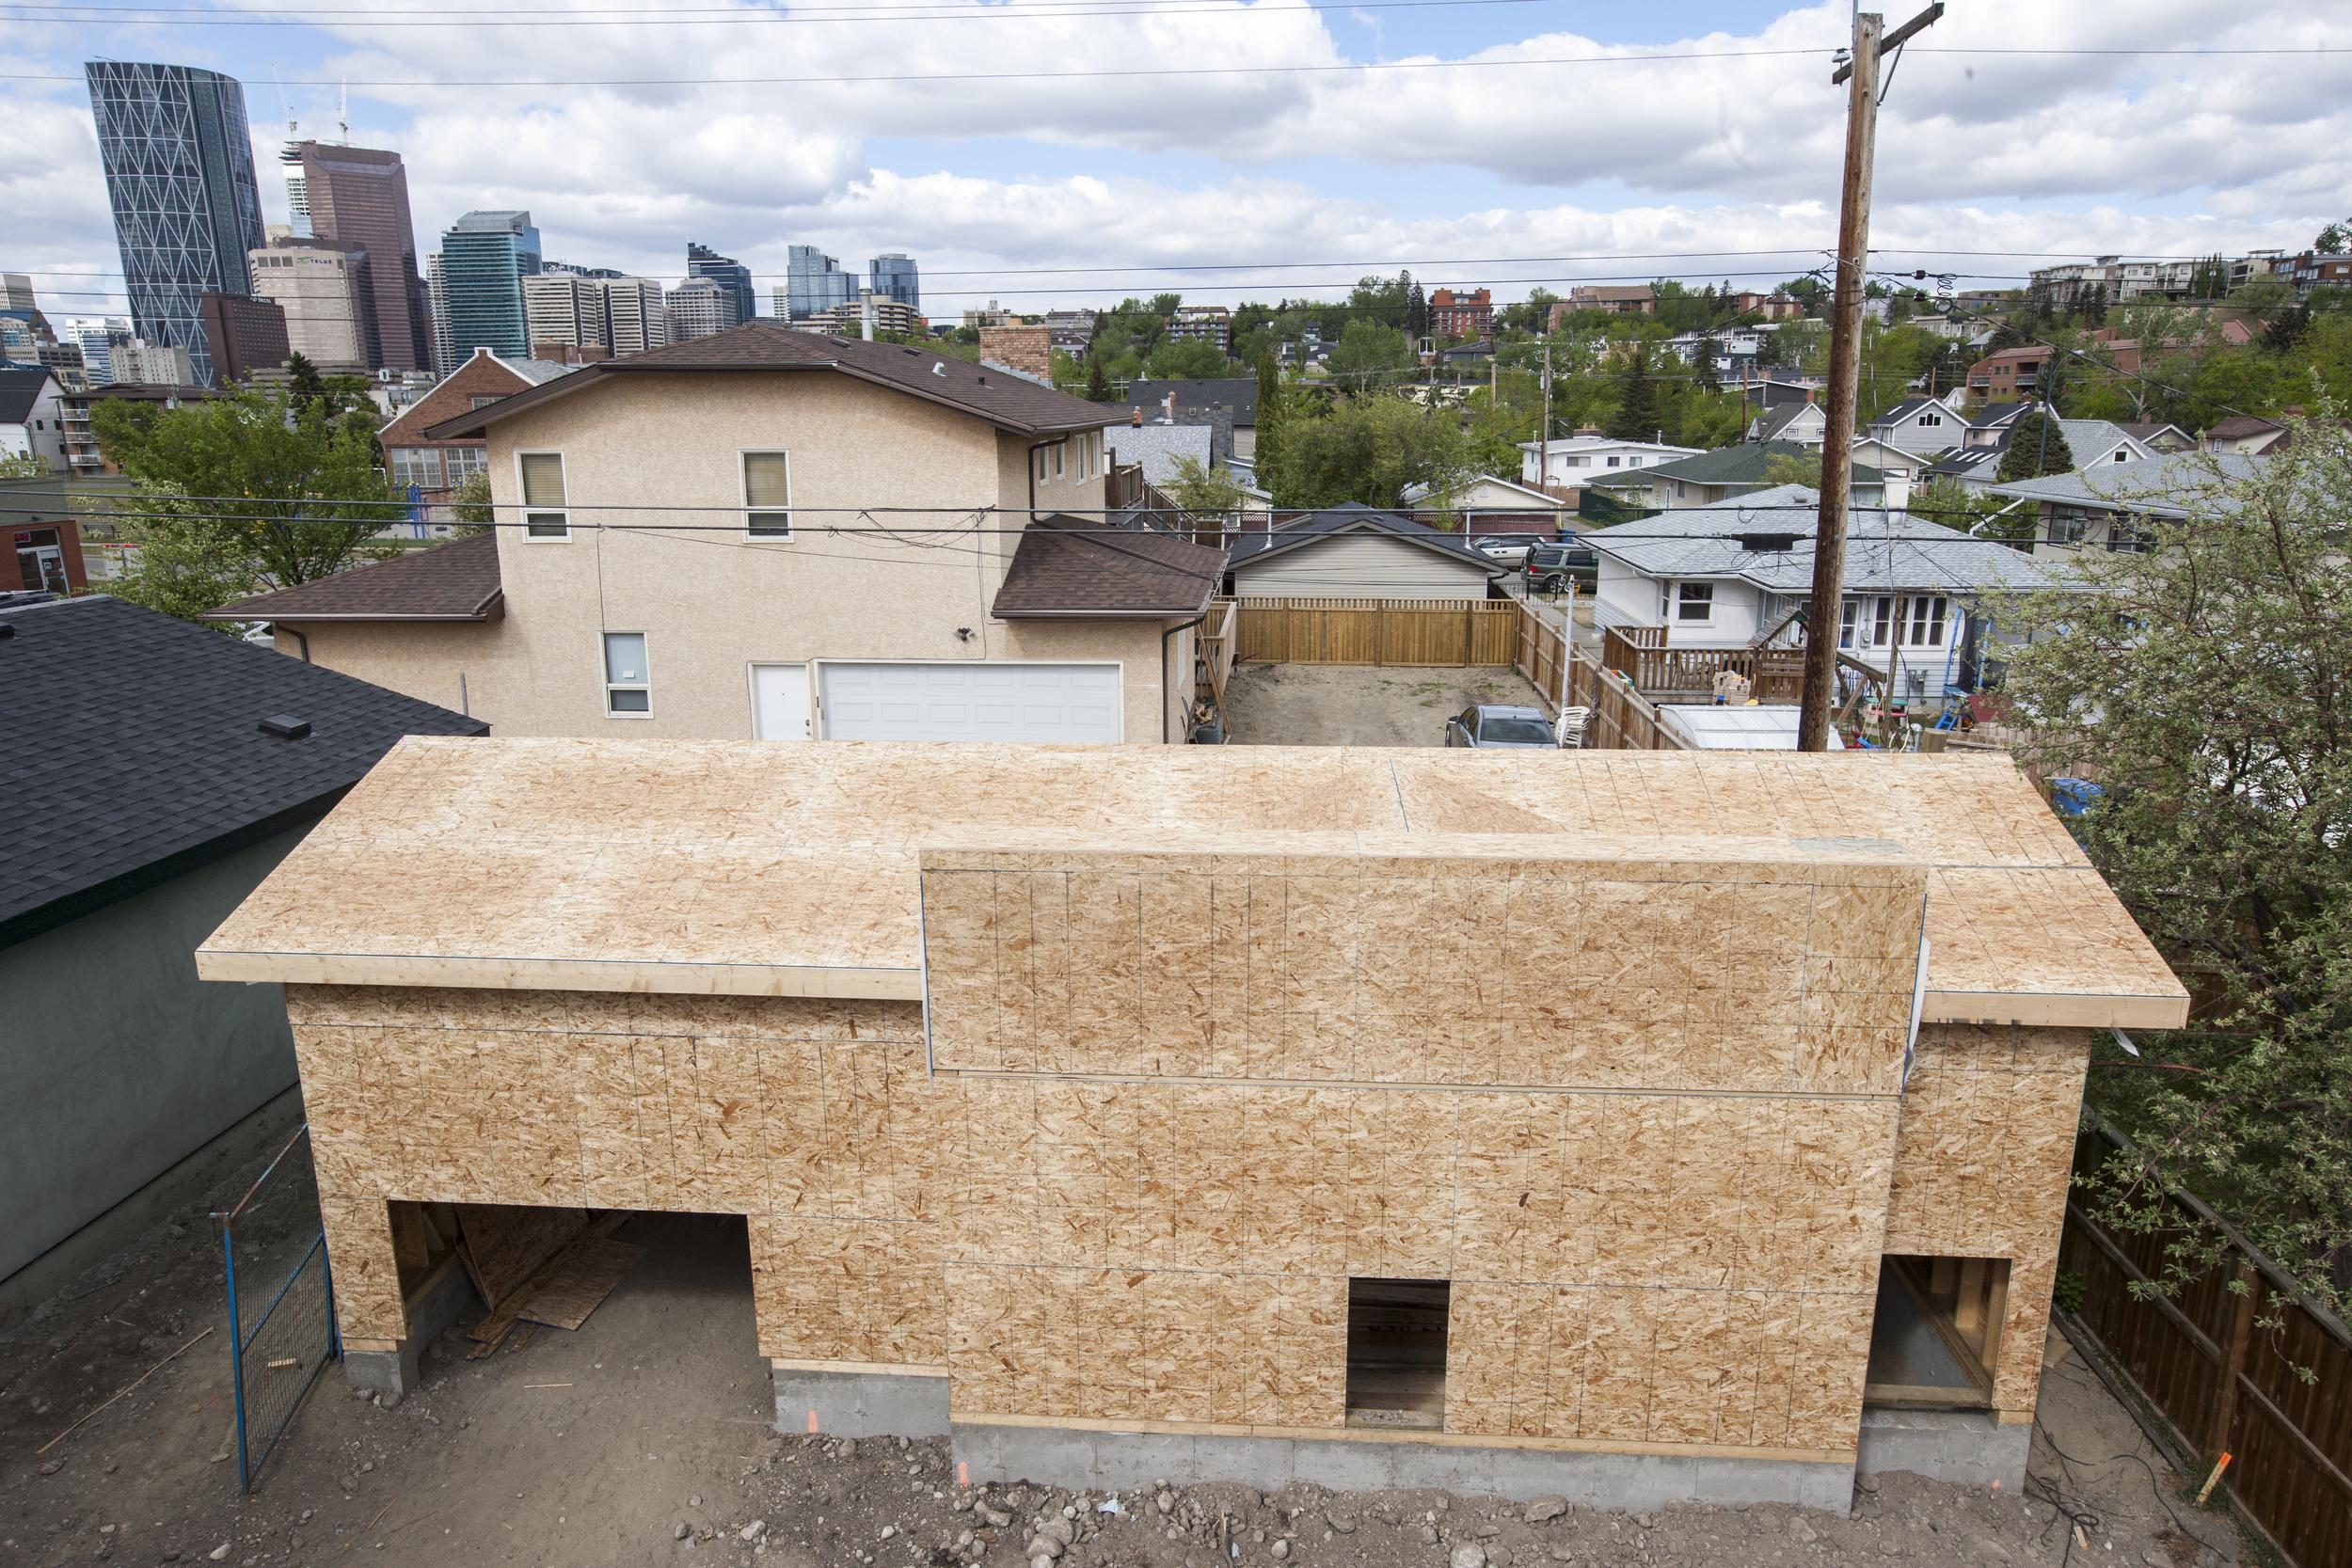 2016 05 10 - Garage roofed.JPG